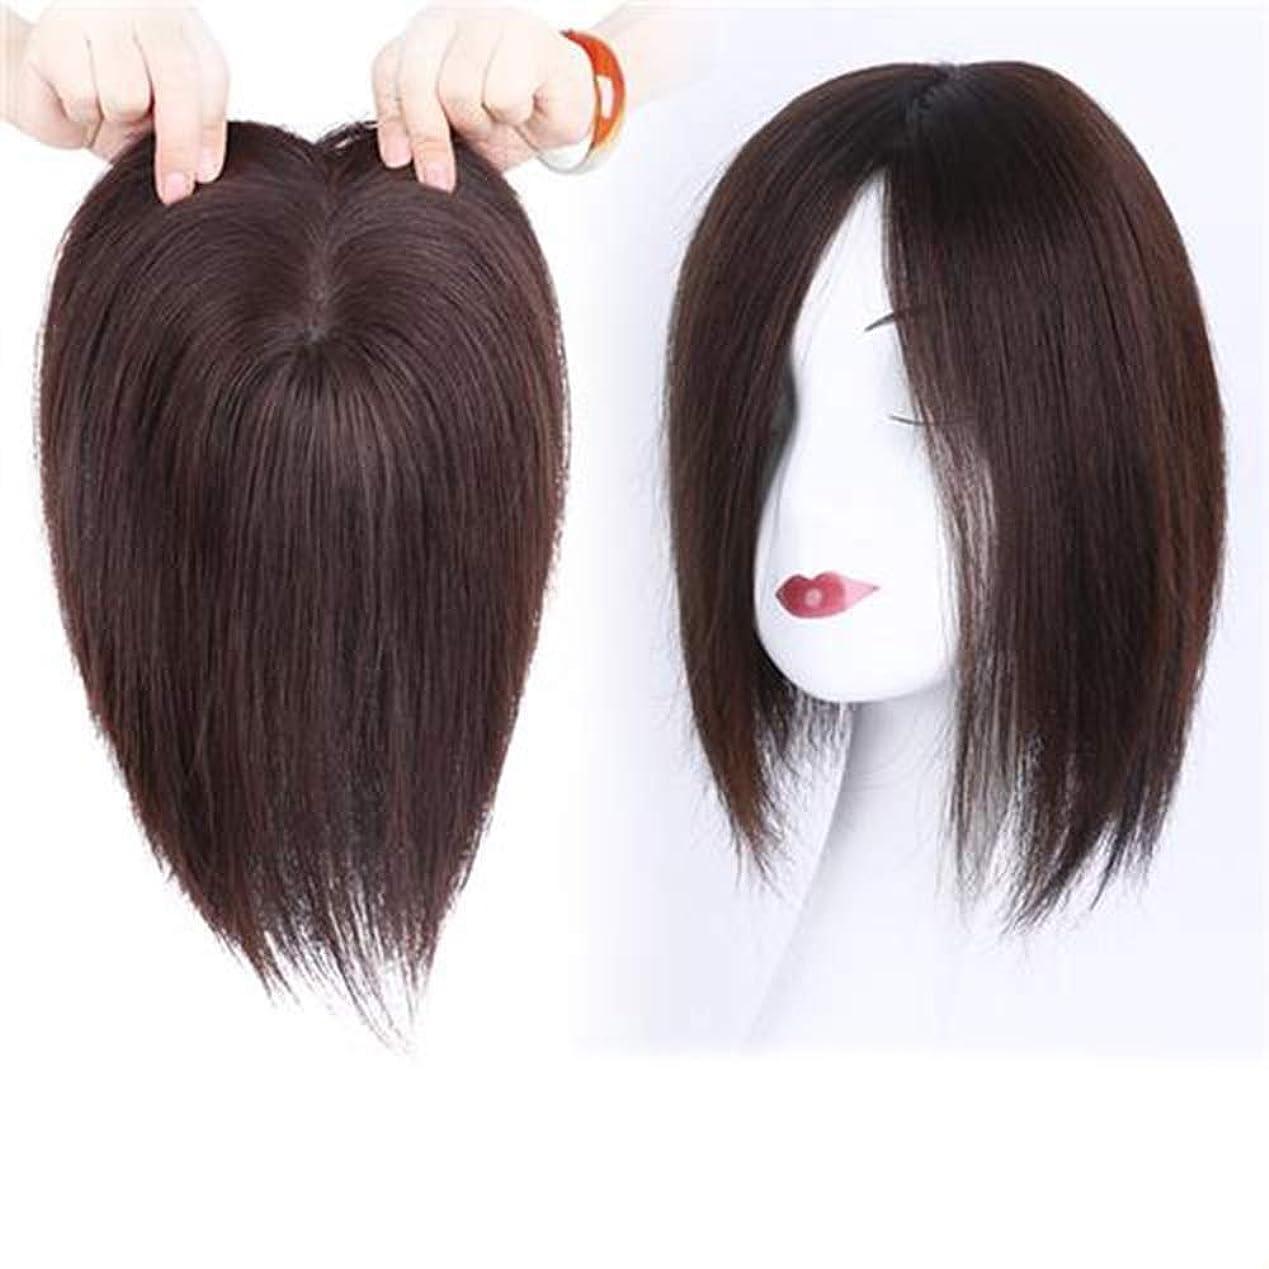 ライオン好きセラーBOBIDYEE 手織りのリアルヘアストレートヘアエクステンション薄い女性のかつらファッションかつら (色 : Natural color, サイズ : 35cm)